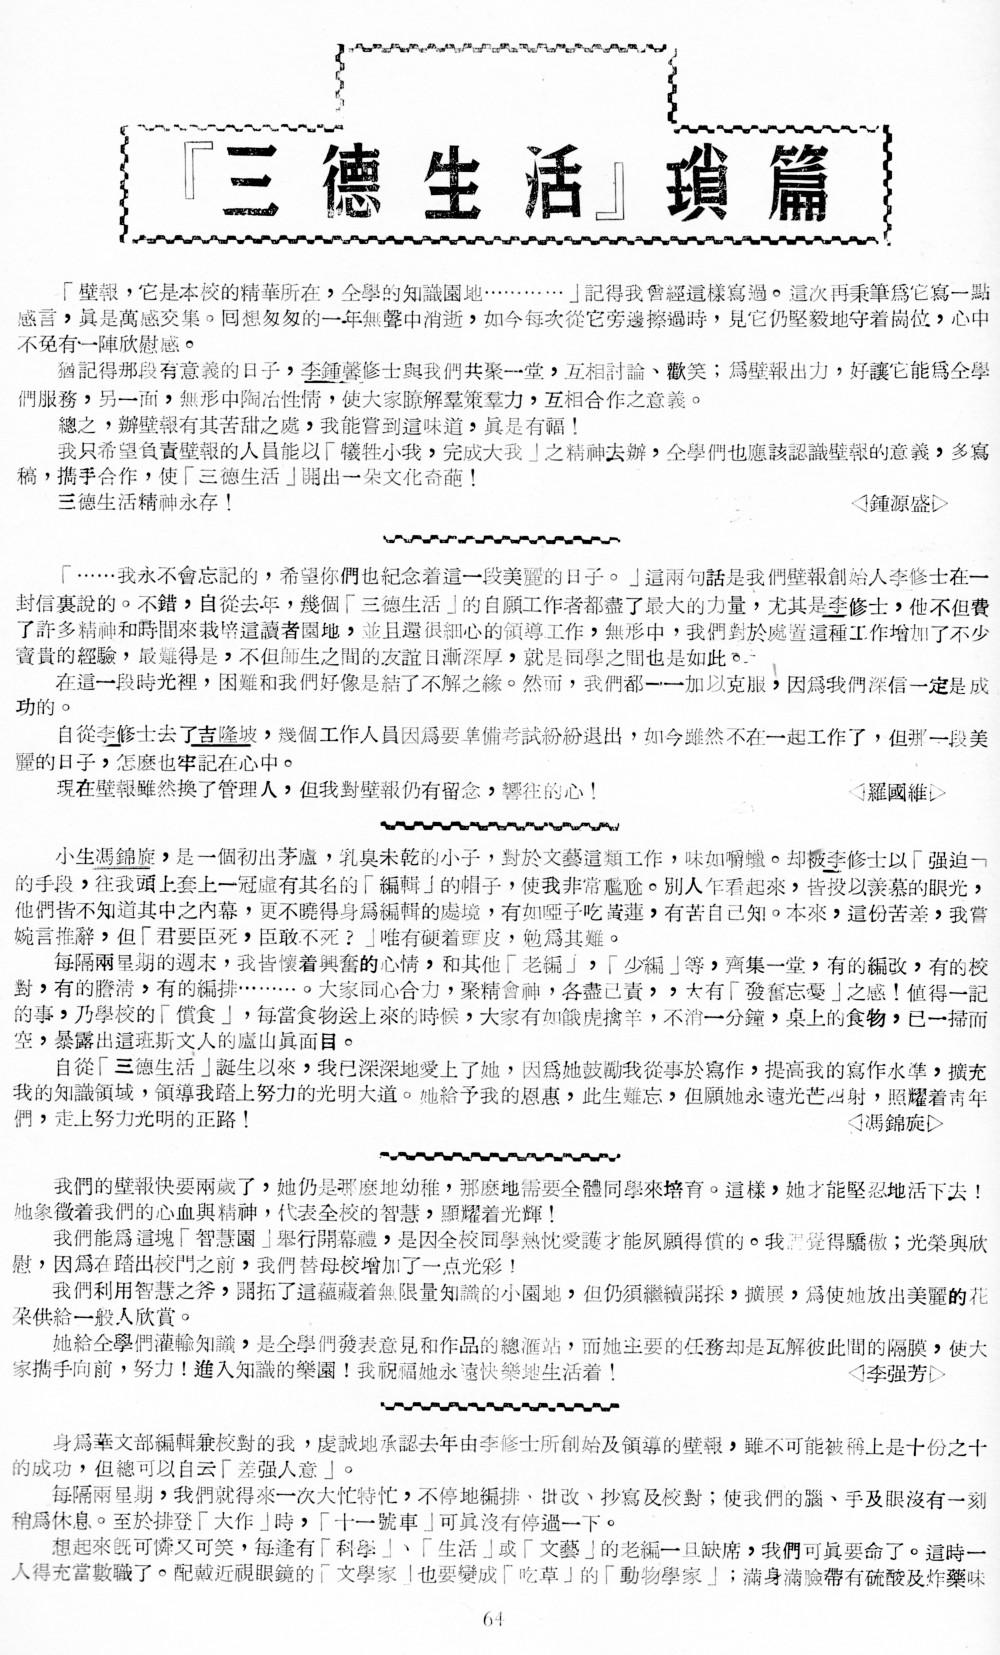 Chinese essays